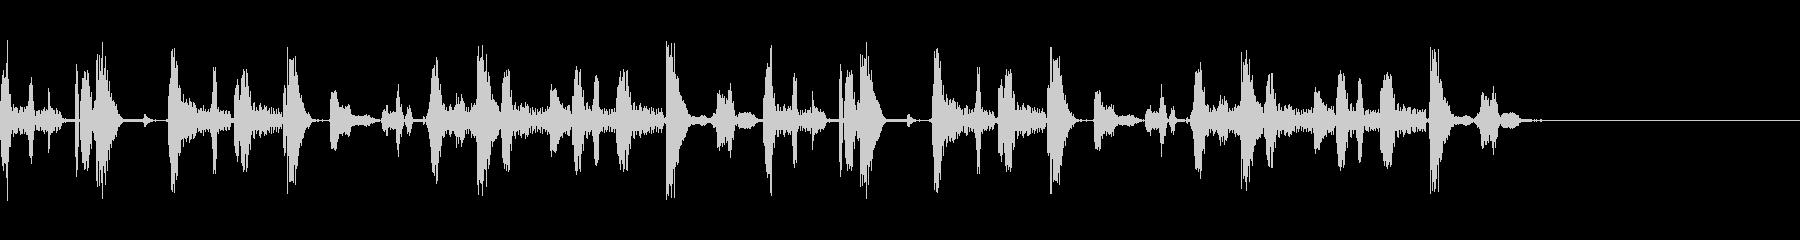 スクラッチなシンキングタイム音の未再生の波形